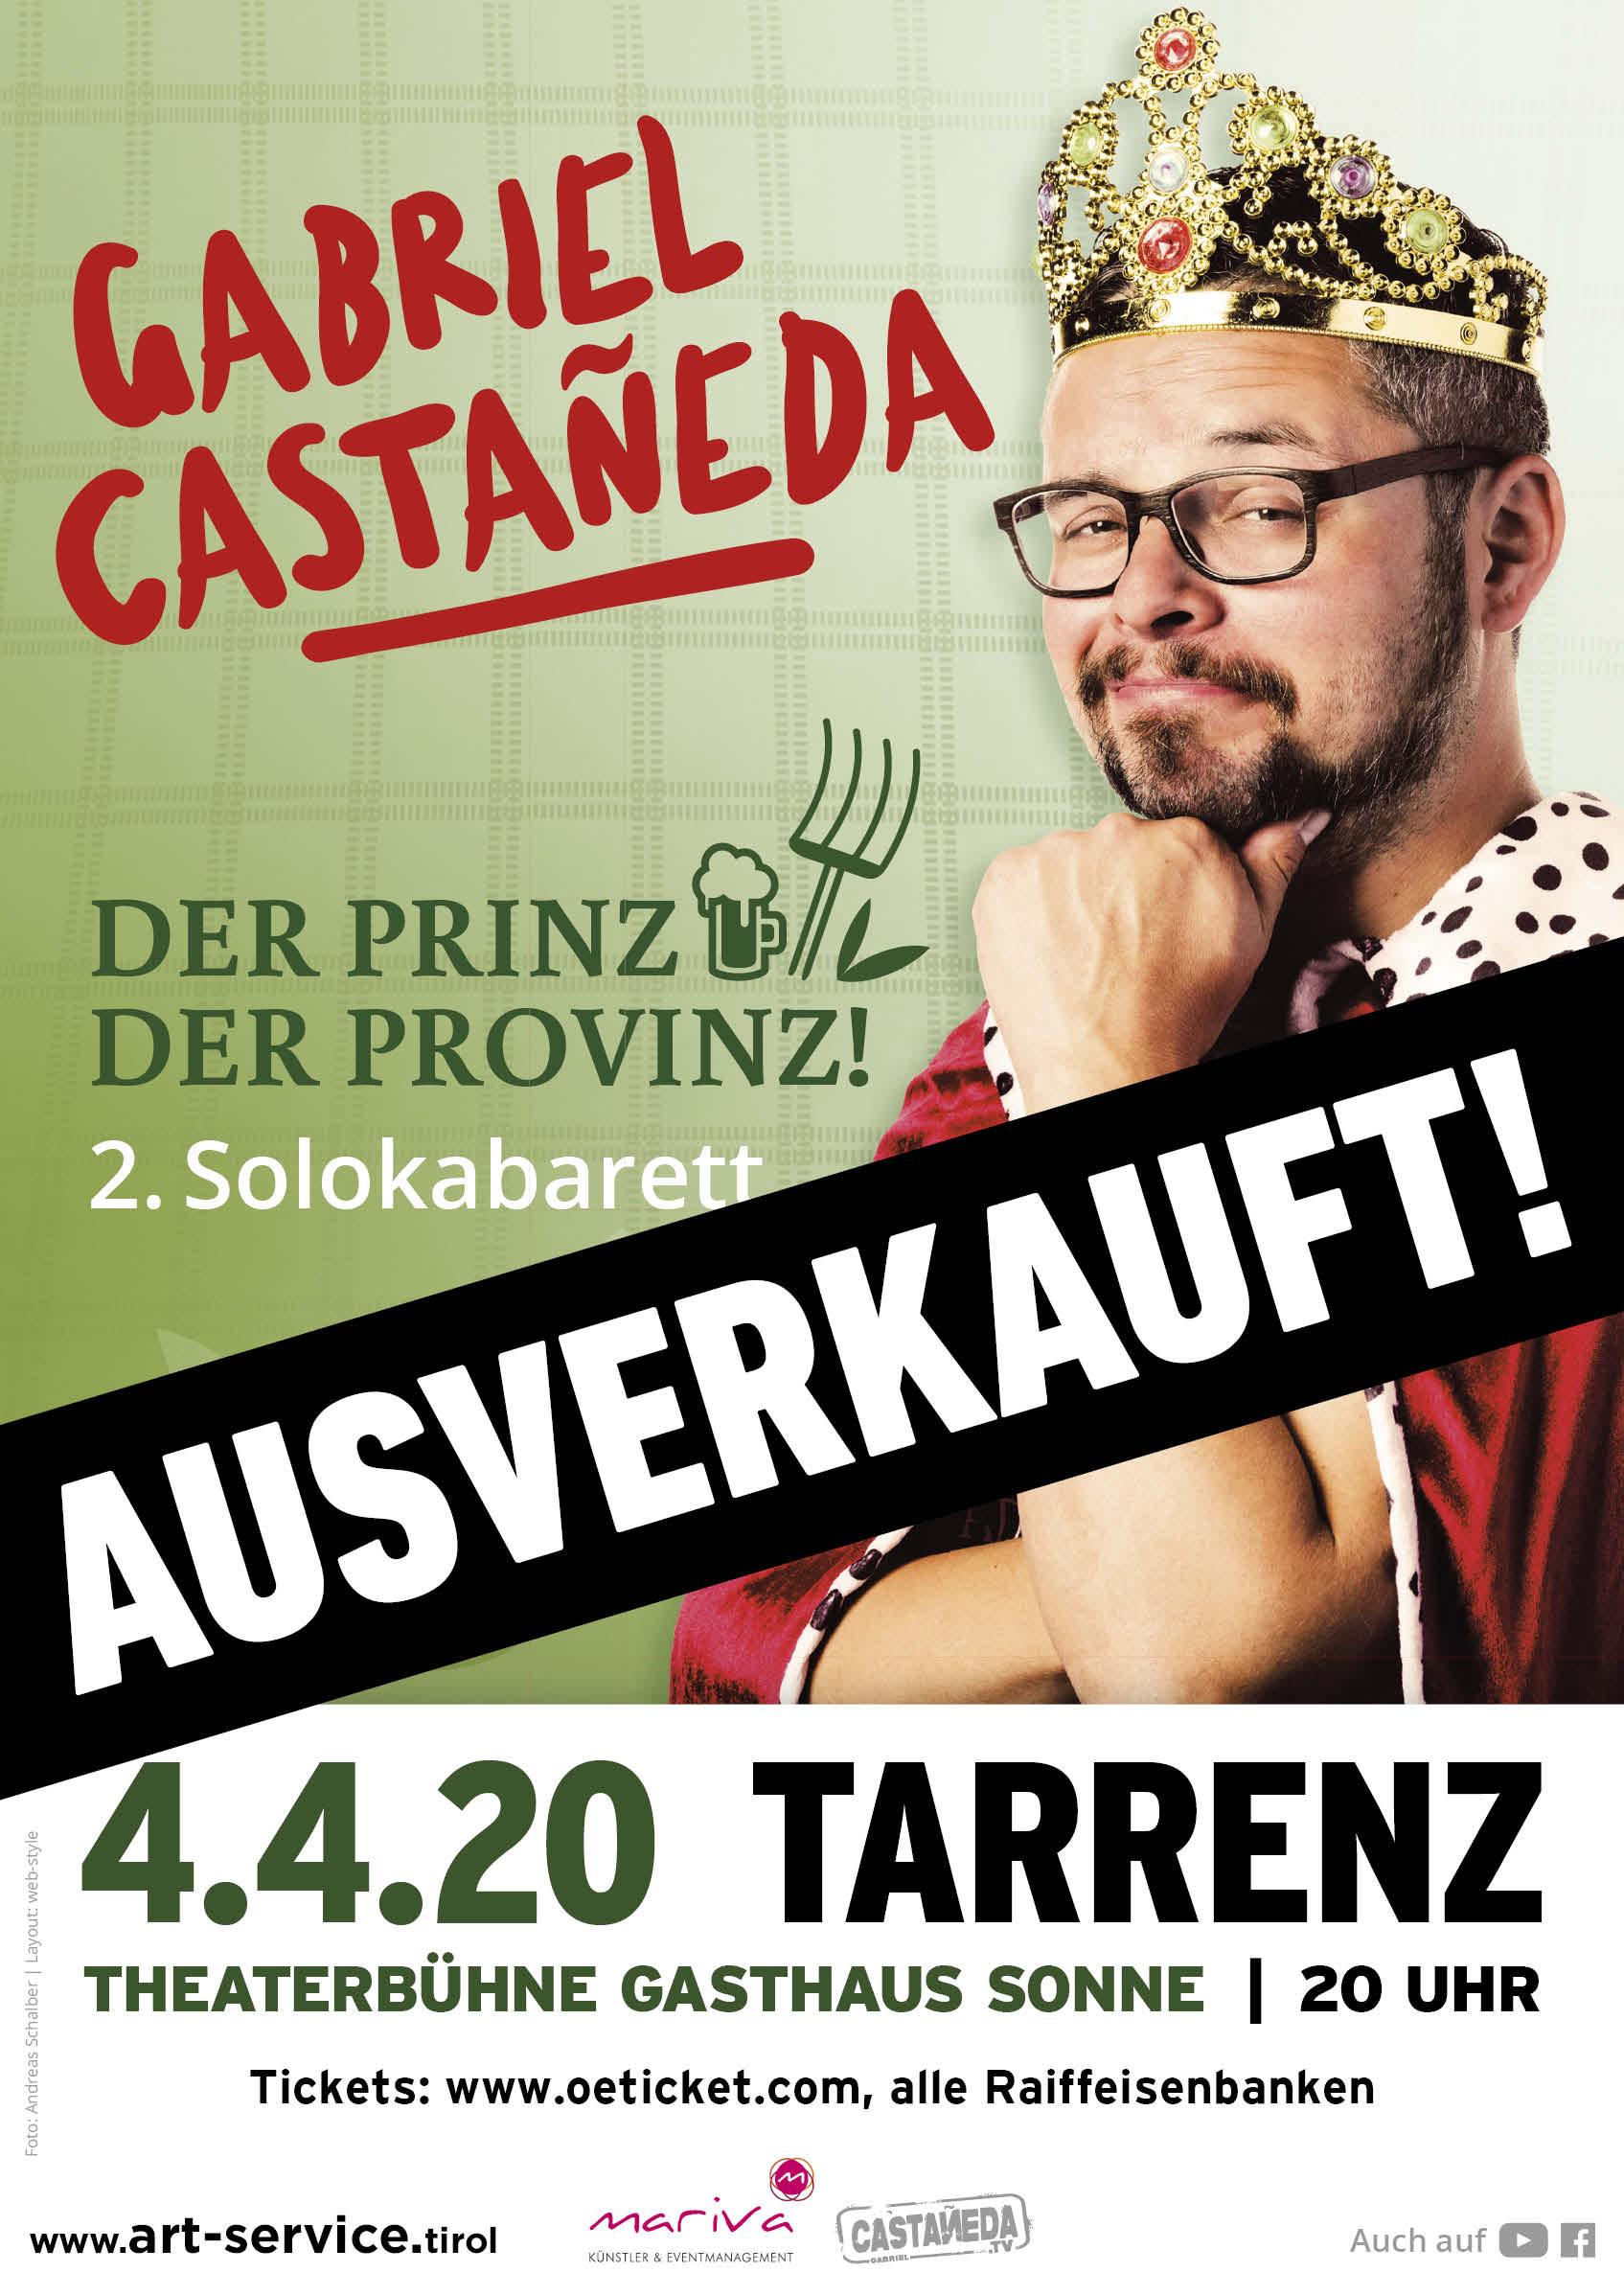 Gabriel Castaneda in Tarrenz Plakat ausverkauft